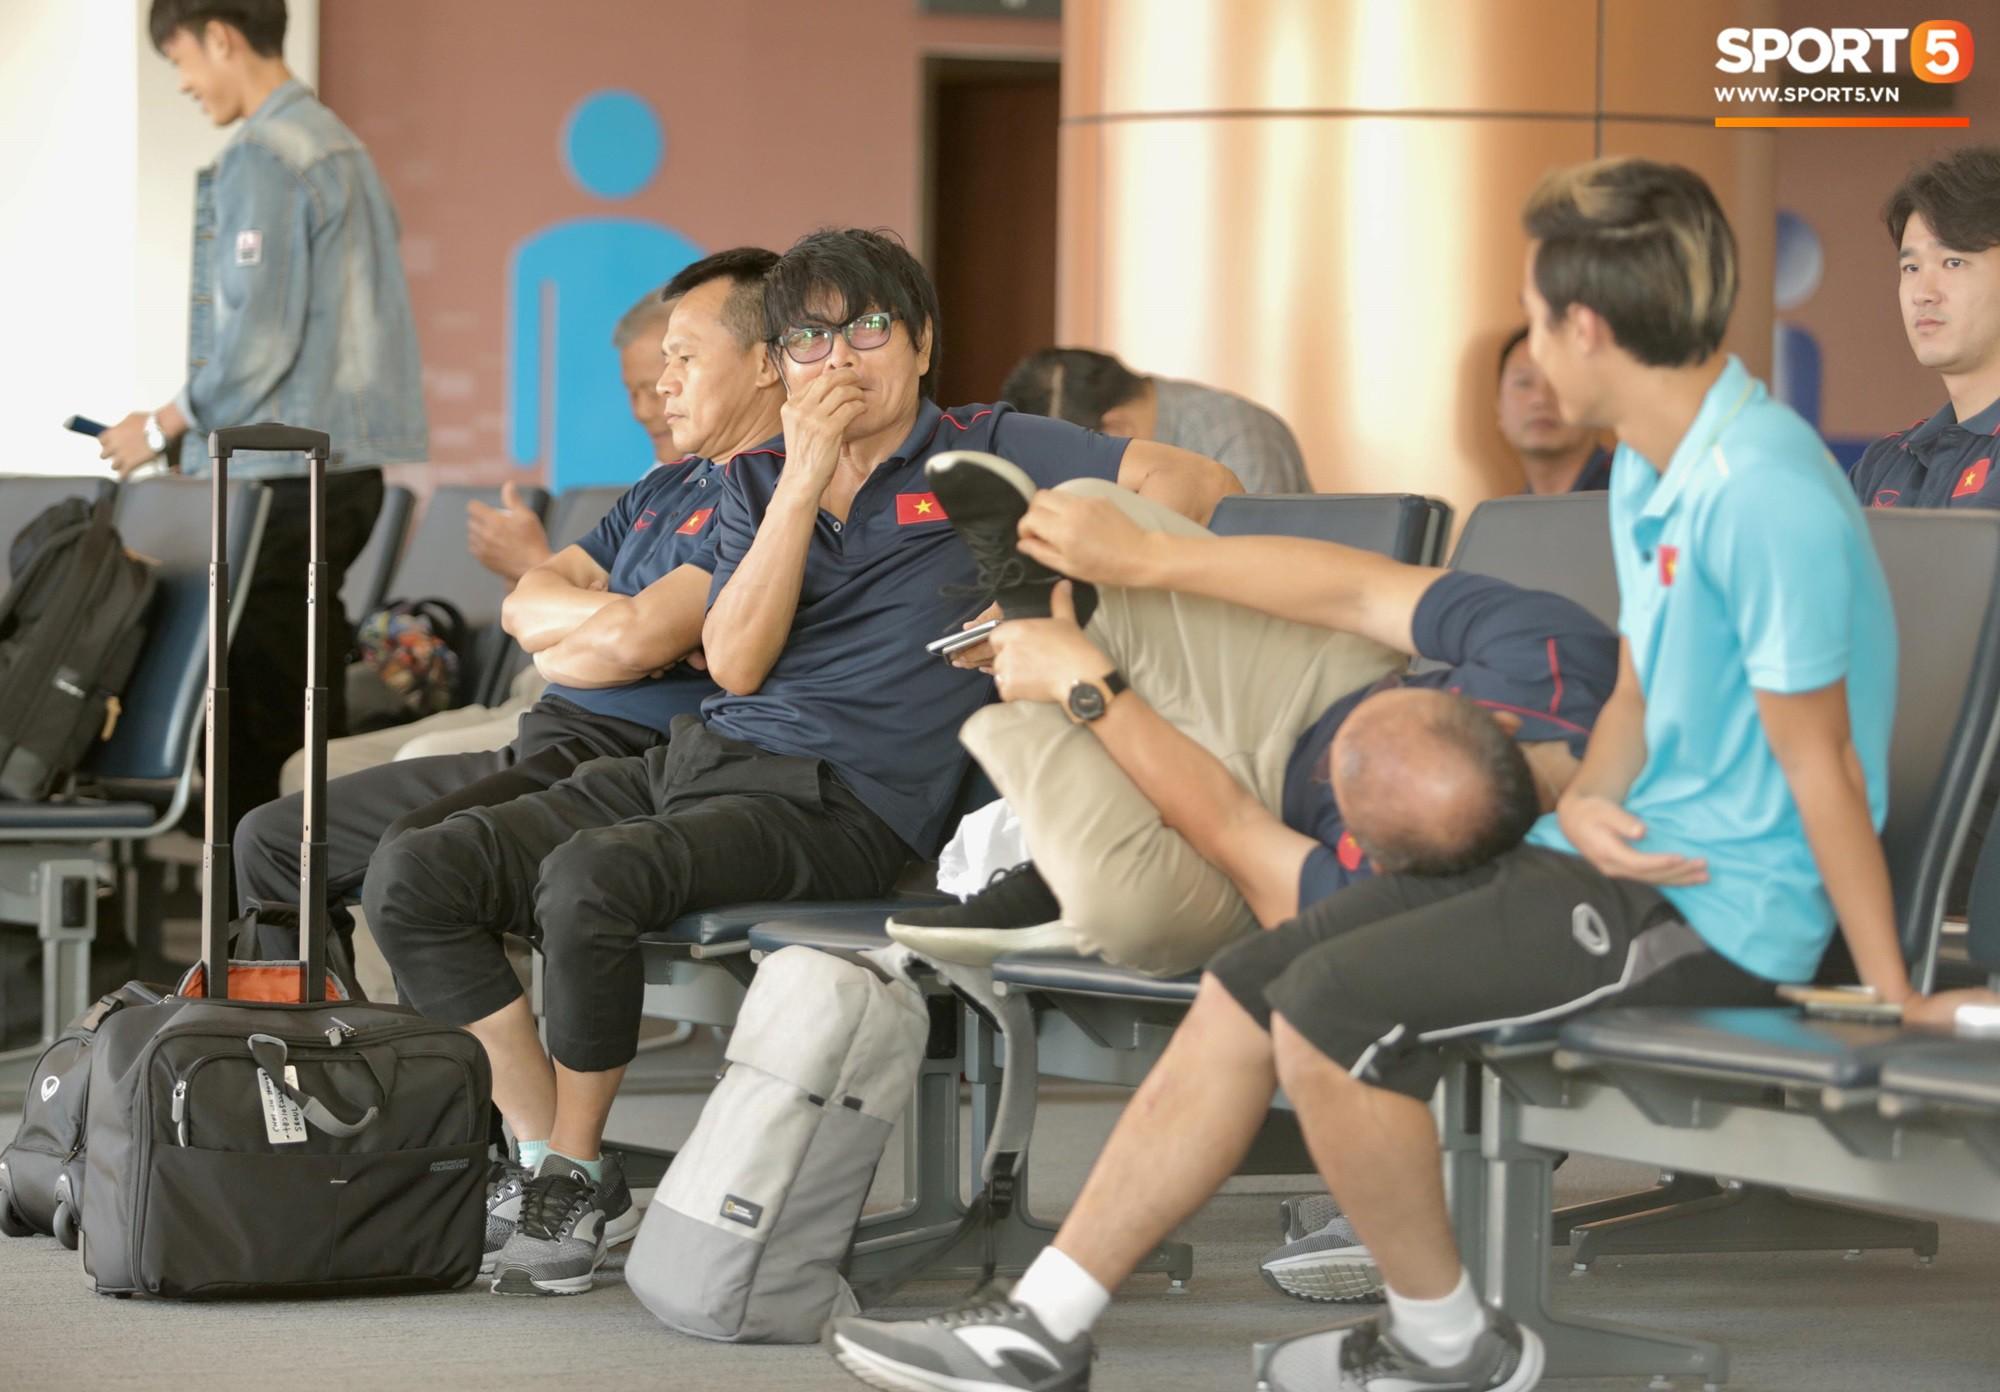 Khoảnh khắc ngọt ngào: HLV Park Hang-seo gối đầu lên đùi Văn Toàn đầy tình cảm tại sân bay - Ảnh 4.